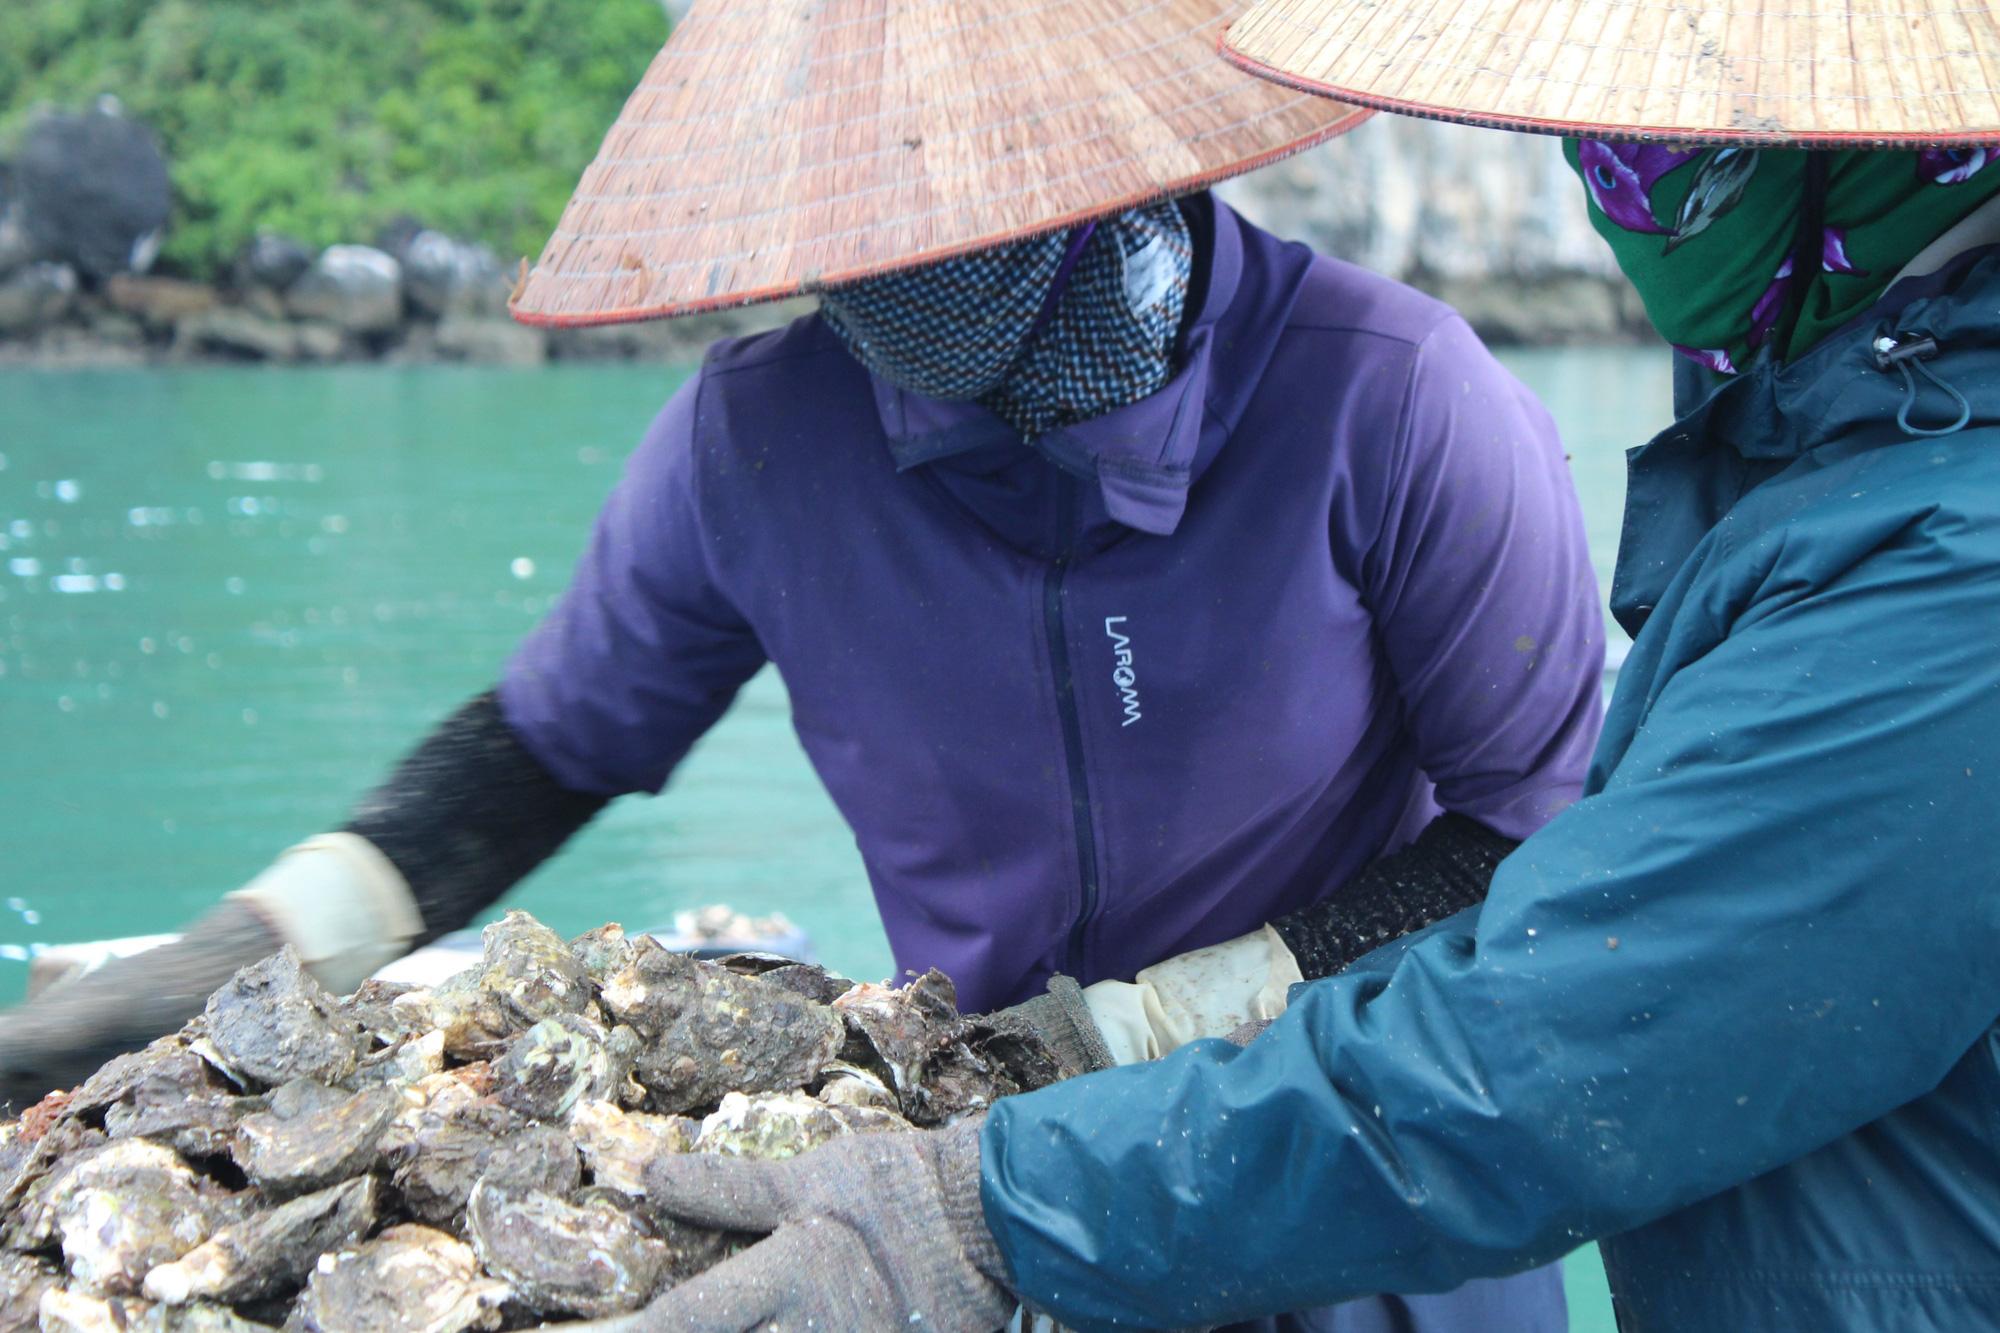 Quảng Ninh: Hàu sữa rớt giá vì dịch COVID-19, ngư dân trắng đêm thu hoạch - Ảnh 9.